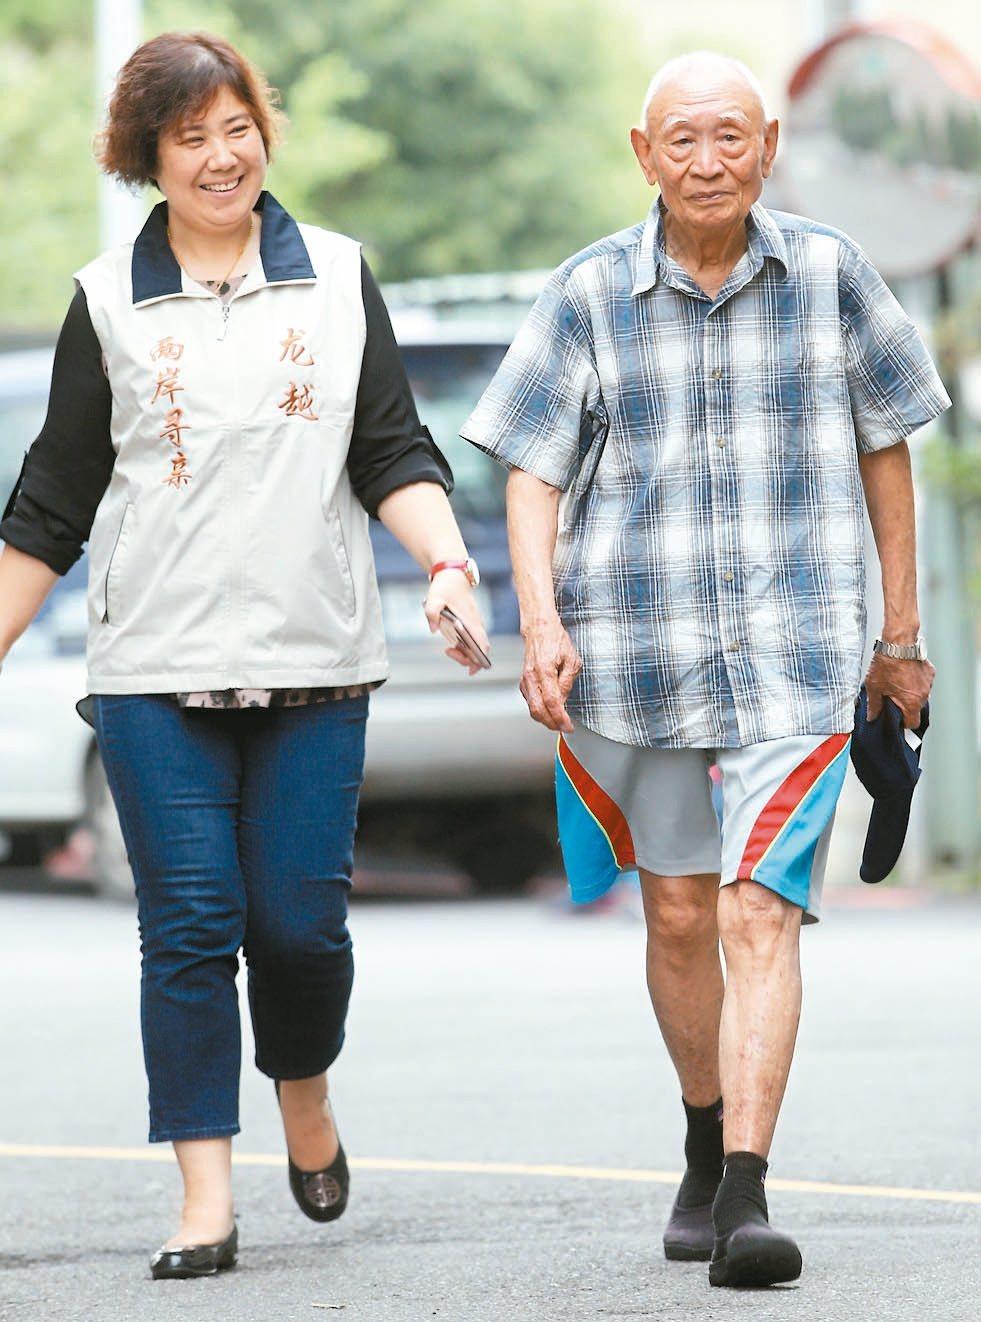 愛走路的九十七歲老兵胡定遠(圖右)身體健康硬朗。 記者侯永全/攝影